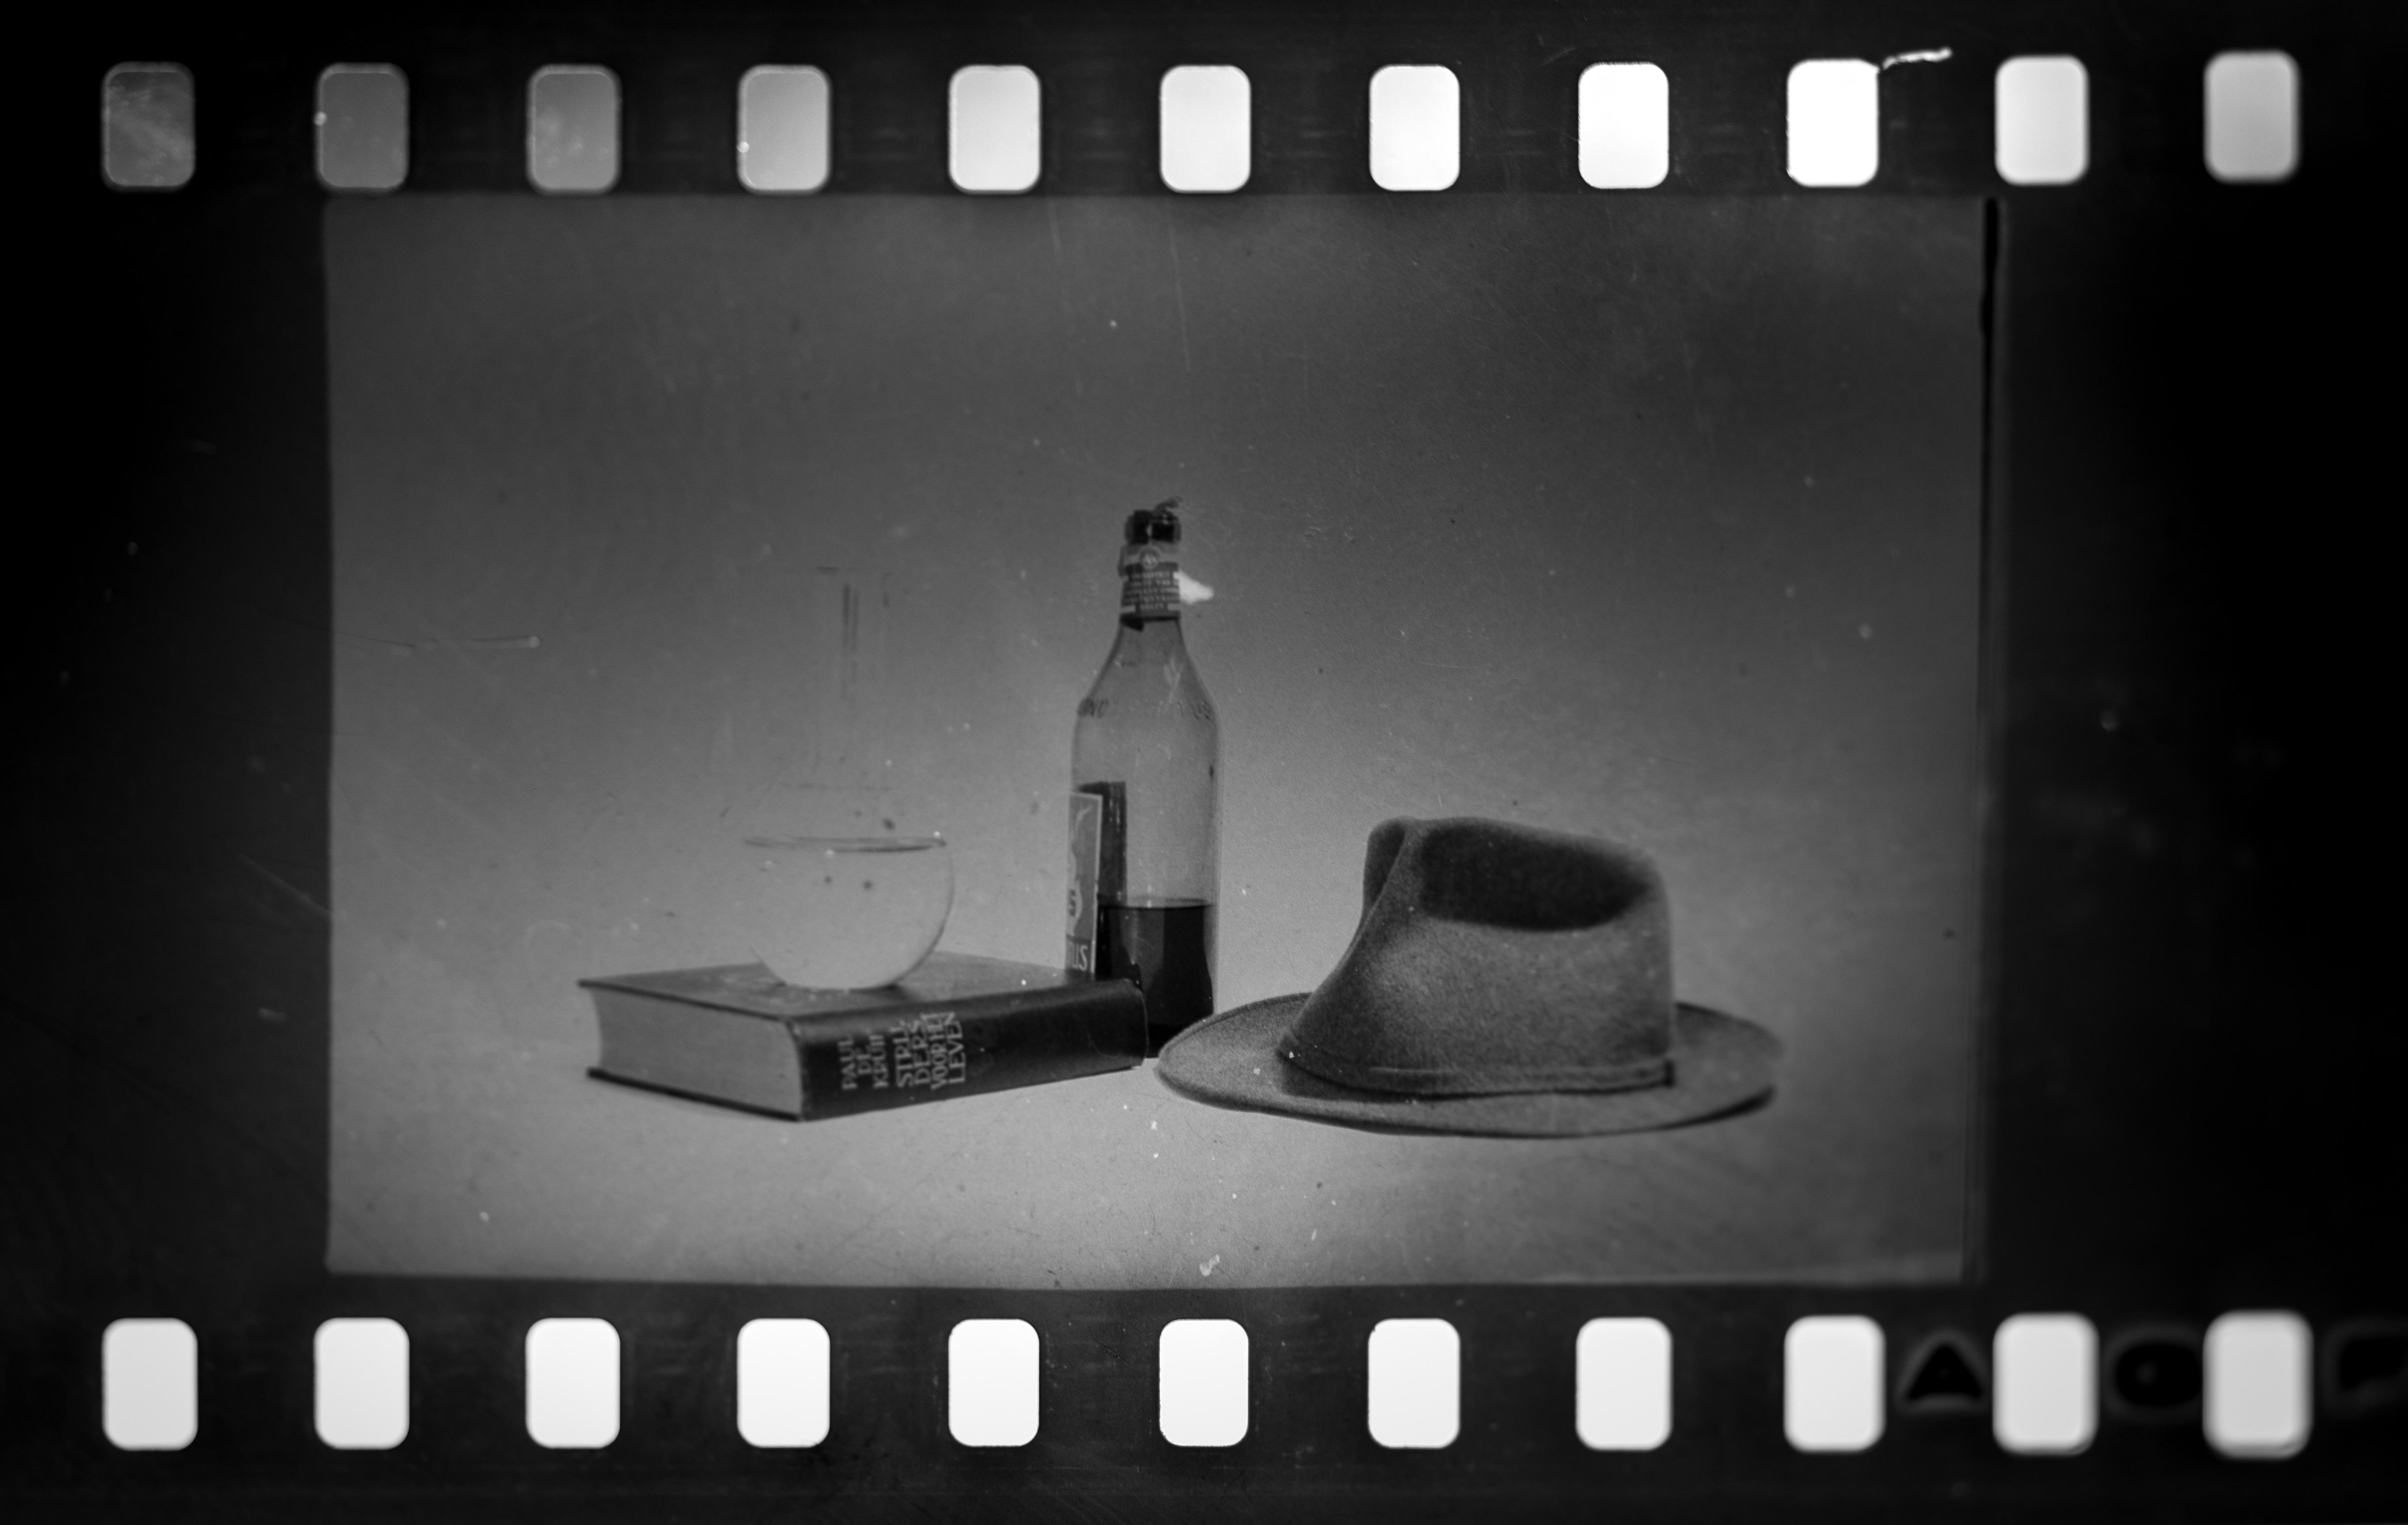 Fotoğraf Kitap Siyah Ve Beyaz Bardak Analog Gölge şapka Içki